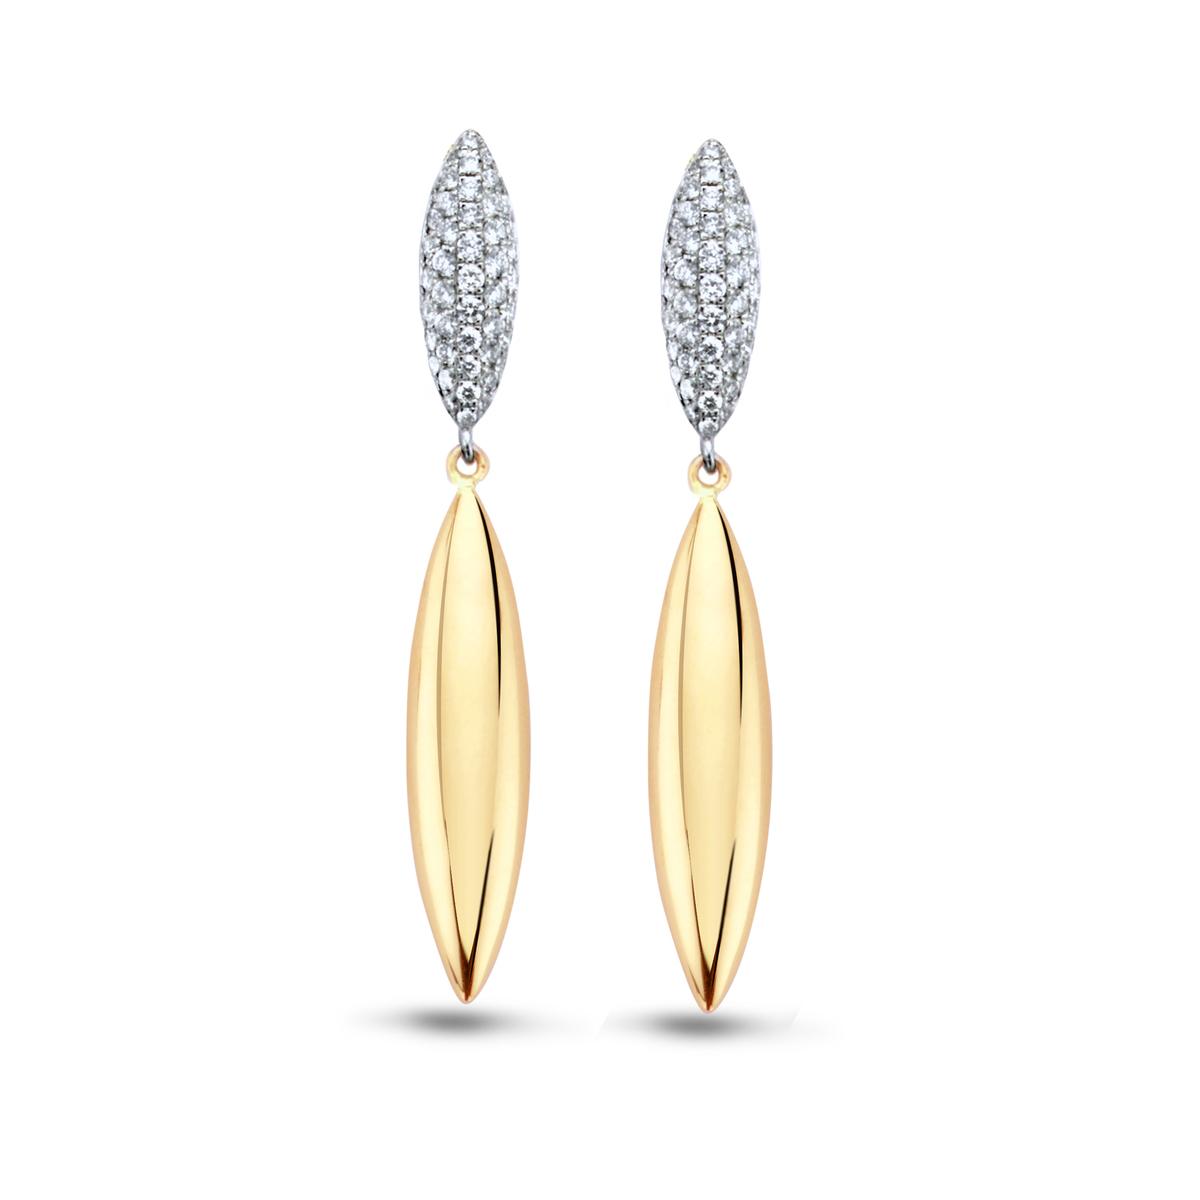 vulsini earrings in yellow gold